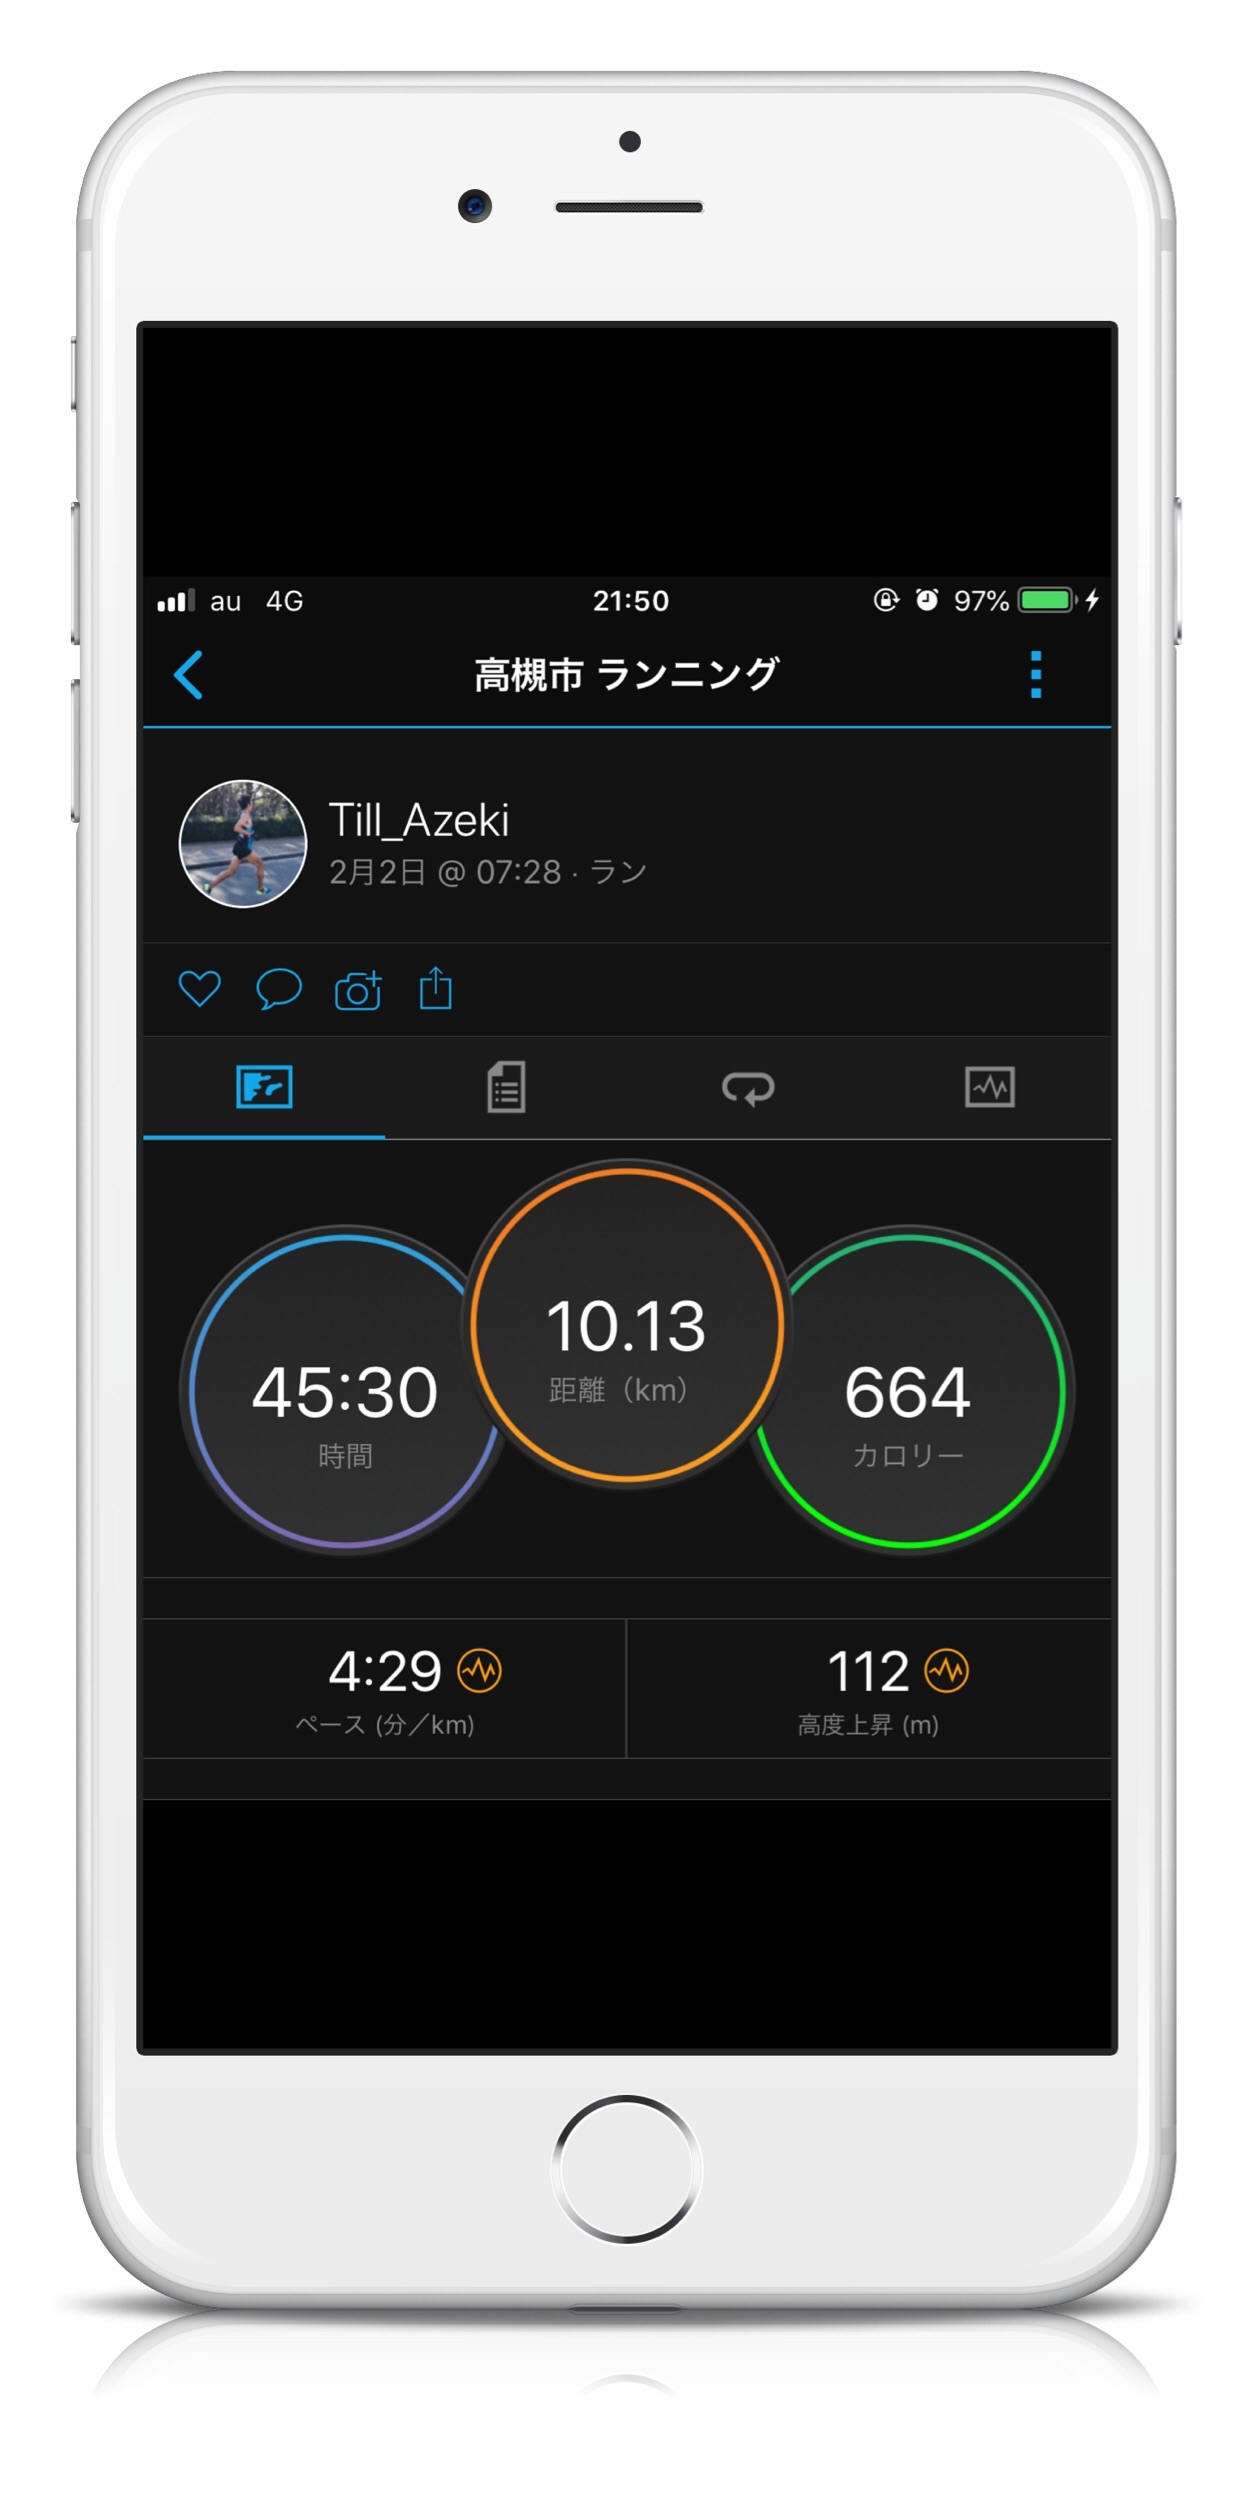 f:id:Till_Azeki:20190202220727j:image